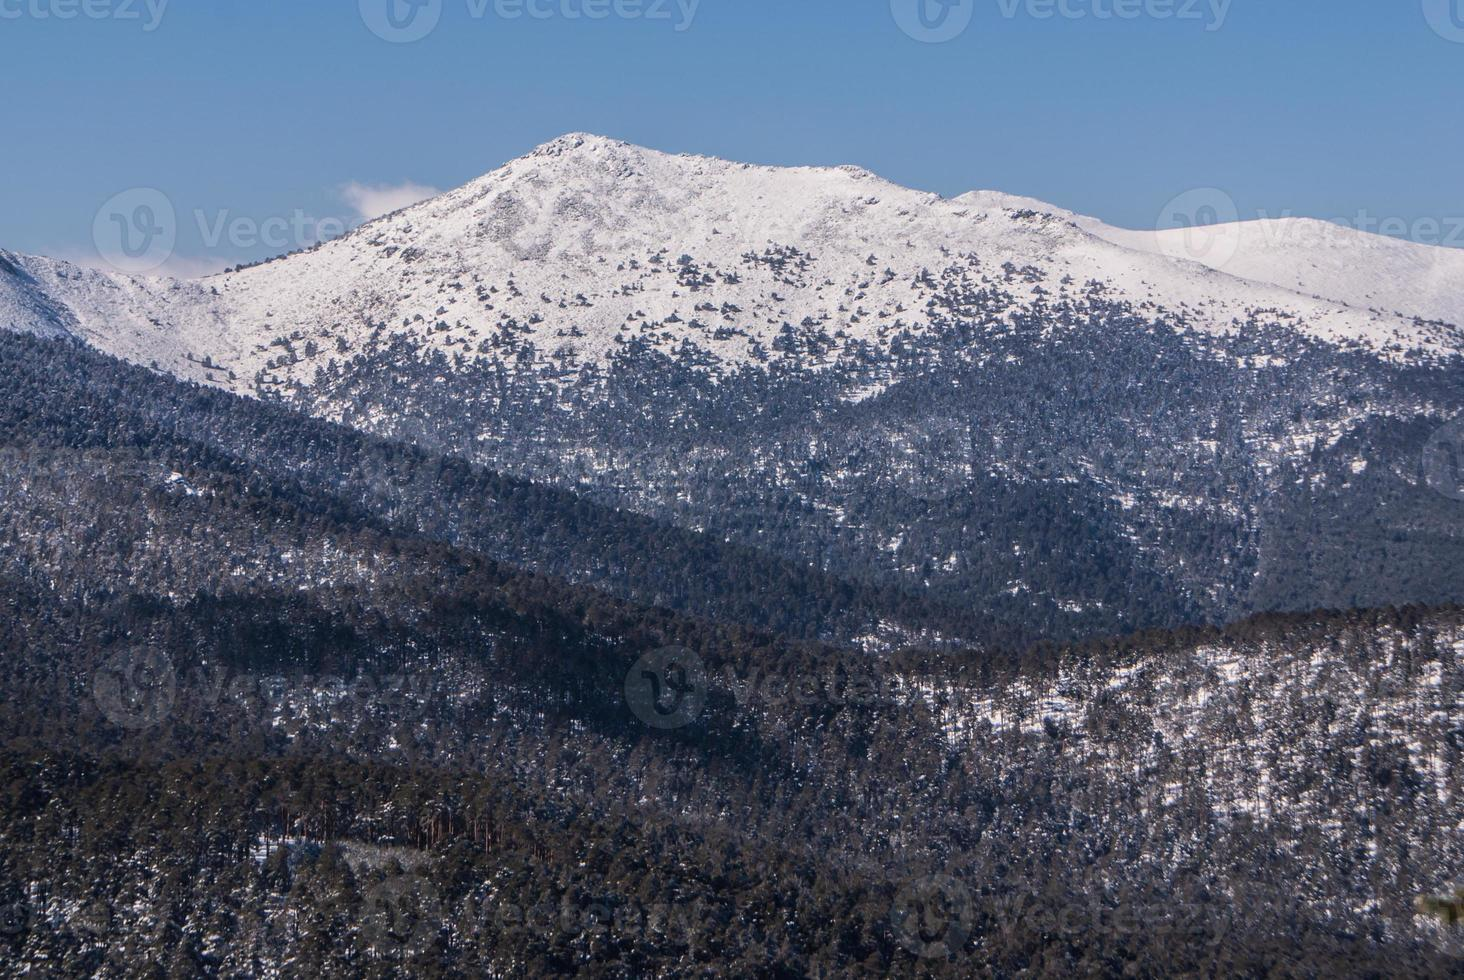 """montagne innevate e """"bola del mundo"""" a navacerrada, madrid, spagna foto"""